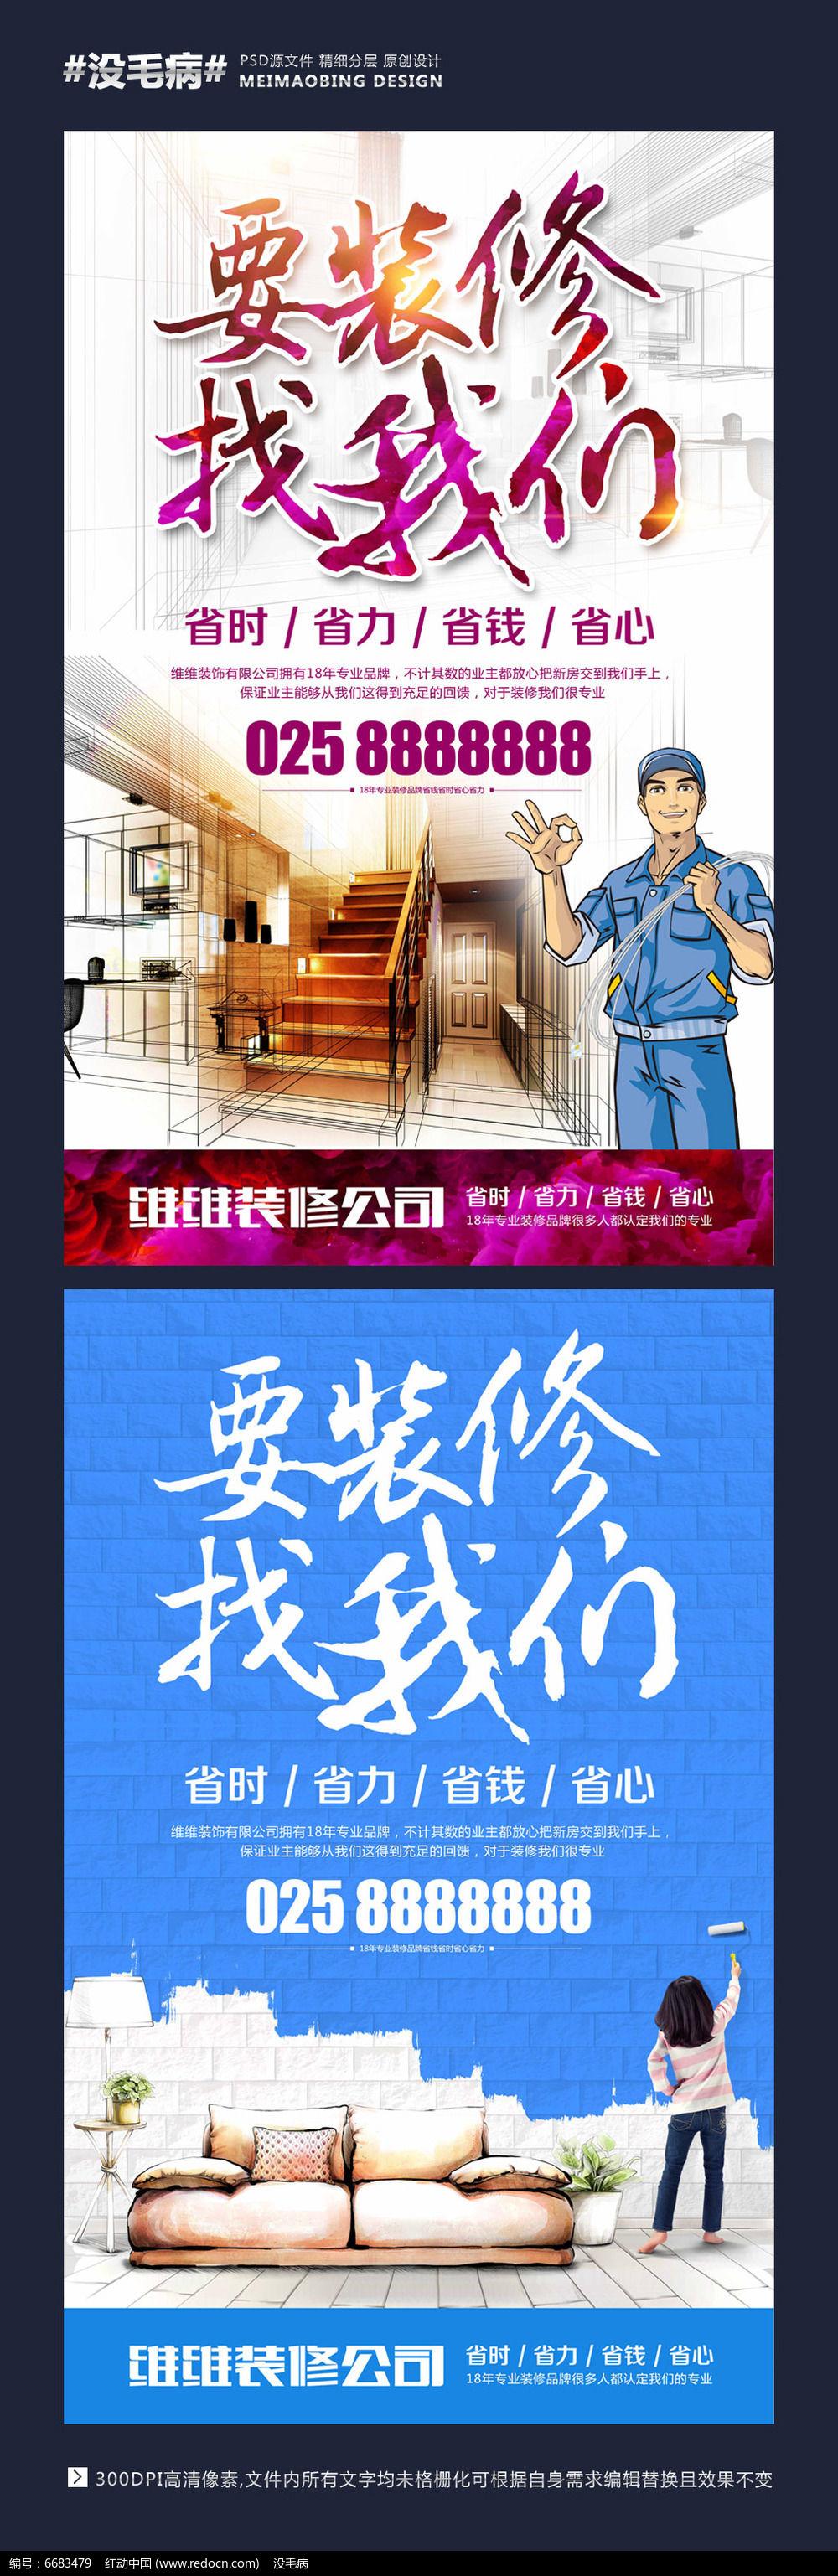 装修公司宣传海报模版